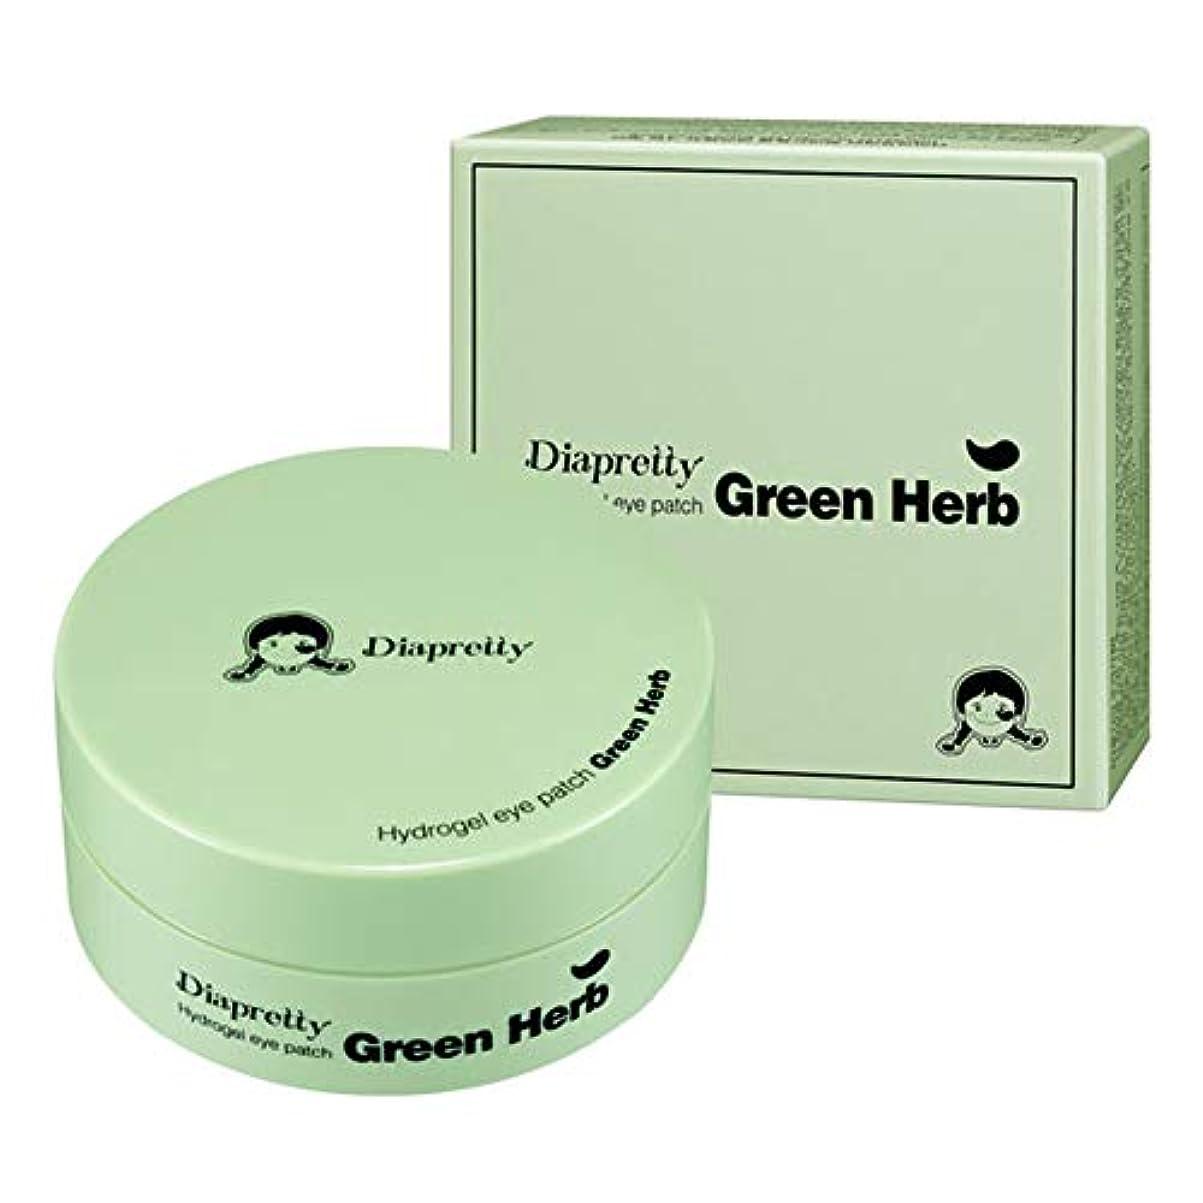 相対的ベジタリアンボランティア[ダイアプリティ] ハイドロゲルア イパッチ (Greeen Herb) 60枚, [Diapretty] Hydrogel Eyepatch(Green Herb) 60pieces